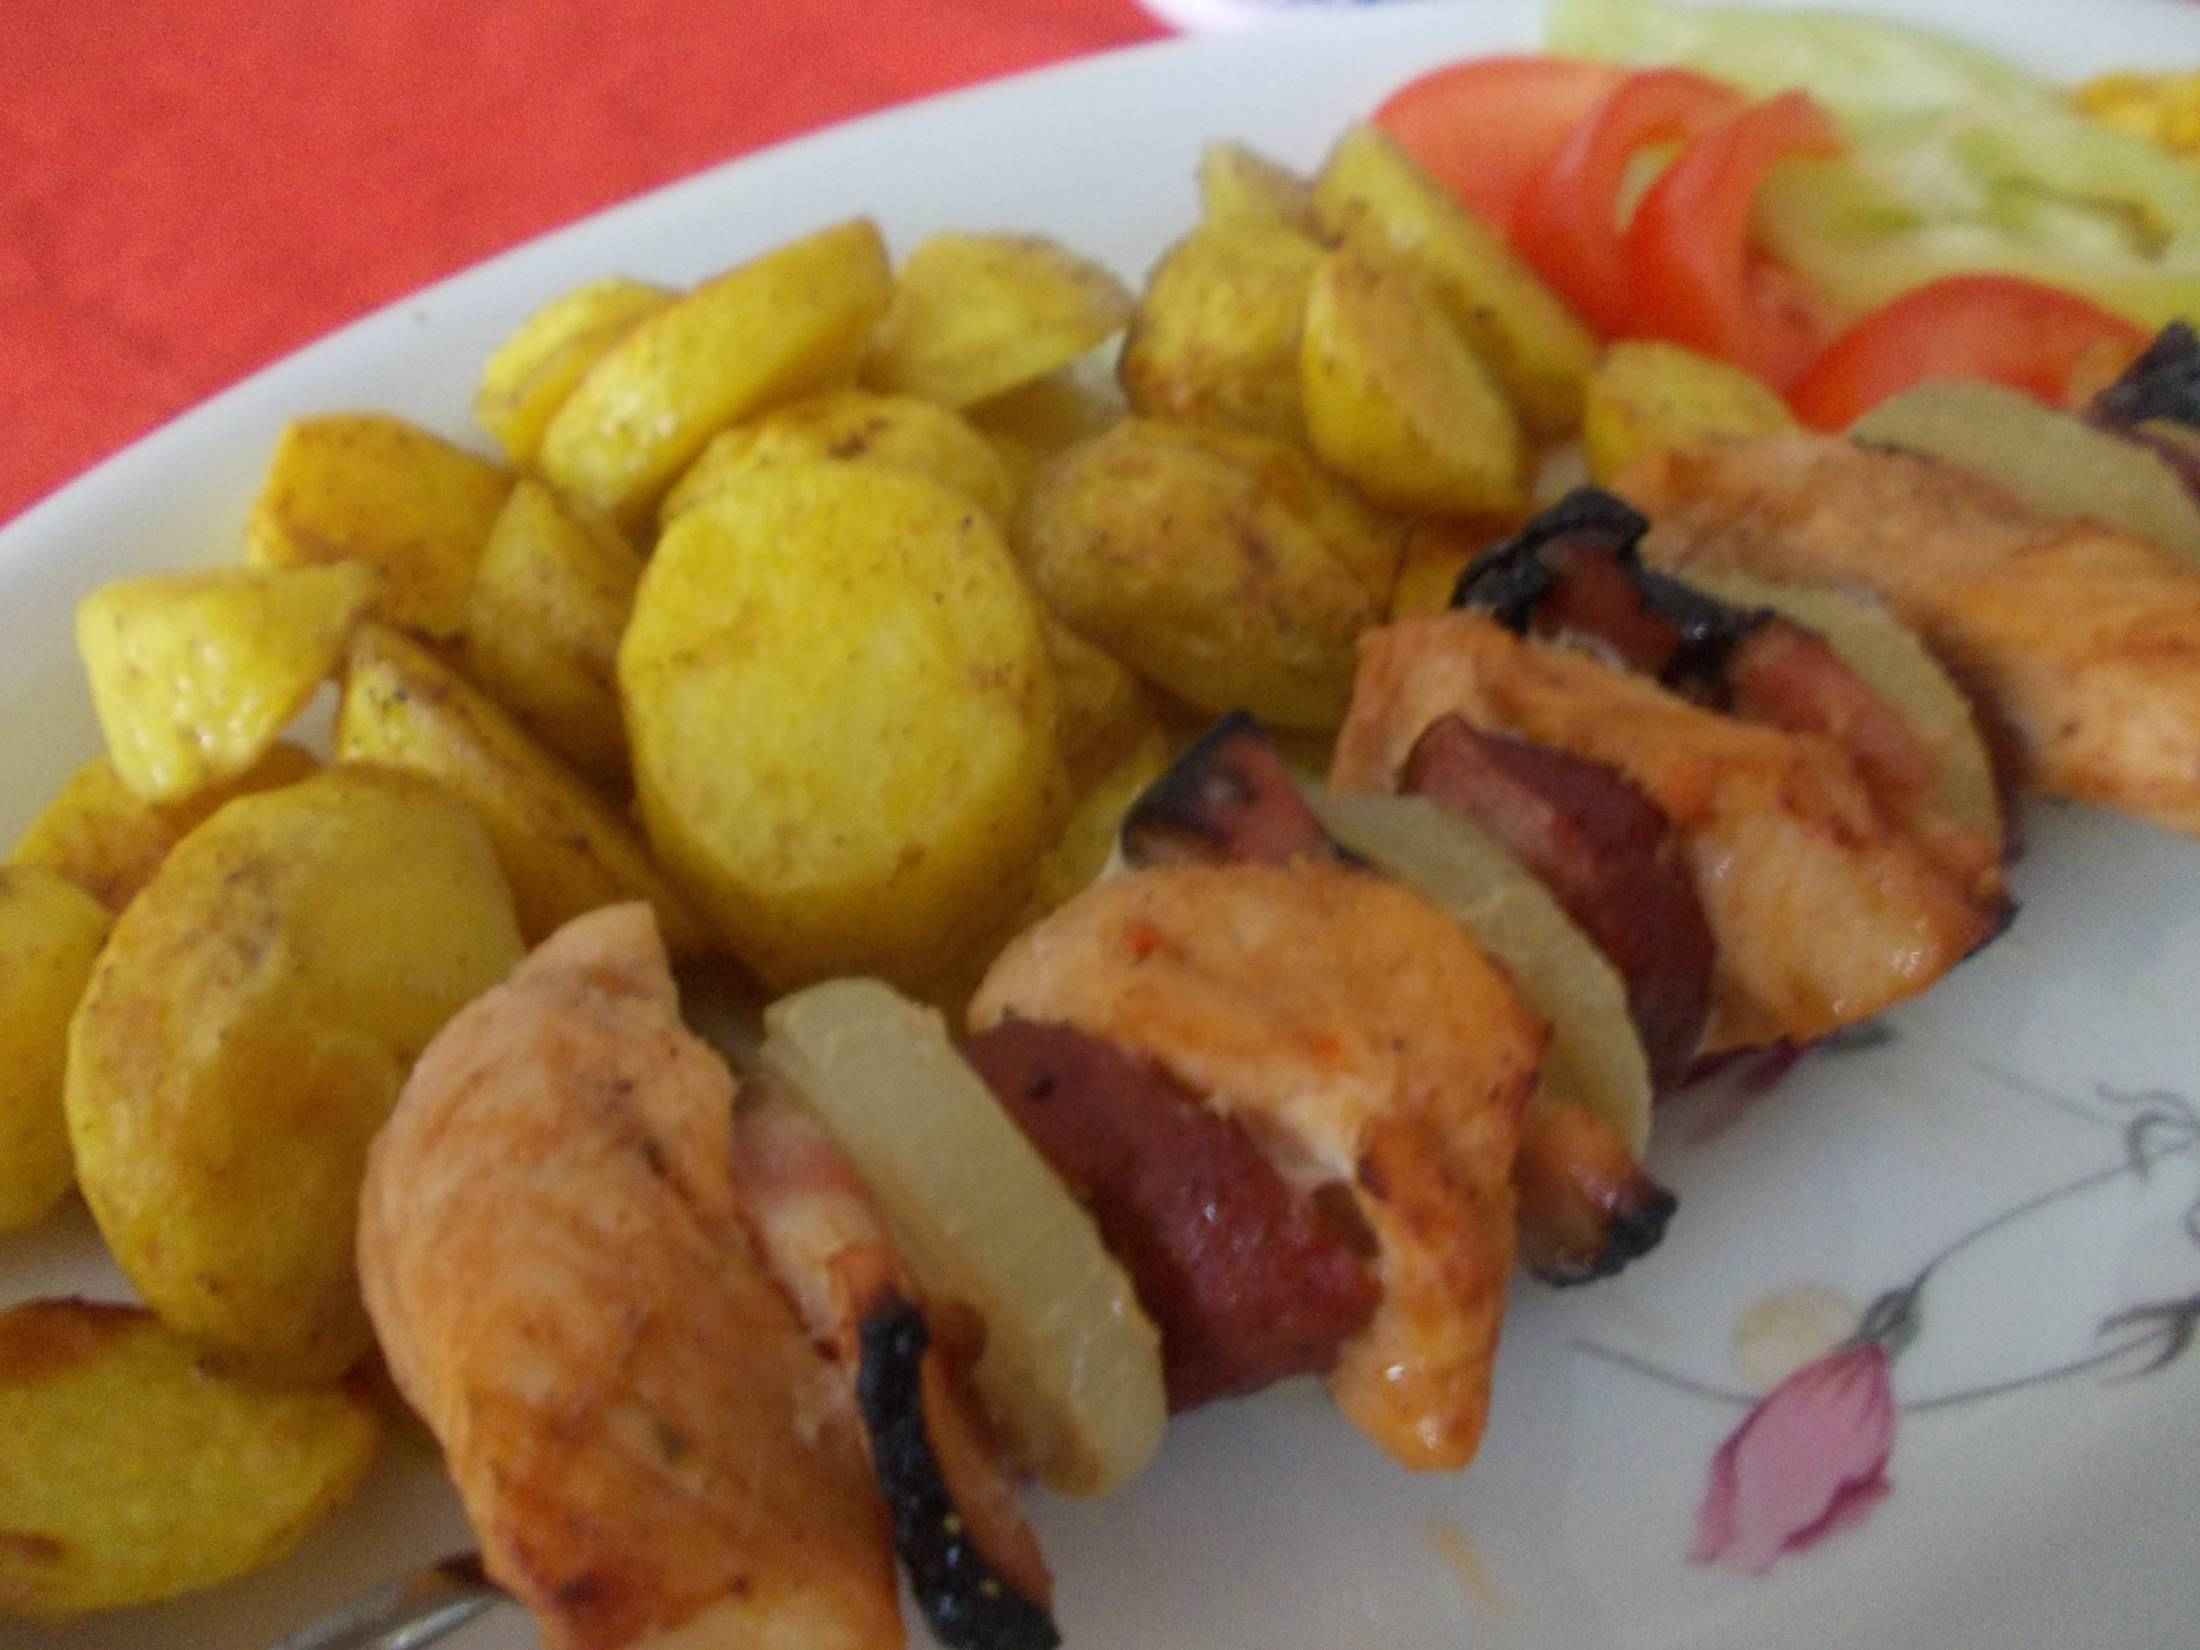 Recept Kuřecí ražniči s klobásou a pečenými bramborovými dukátky - Kuřecí ražniči s klobásou a pečenými bramborovými dukátky